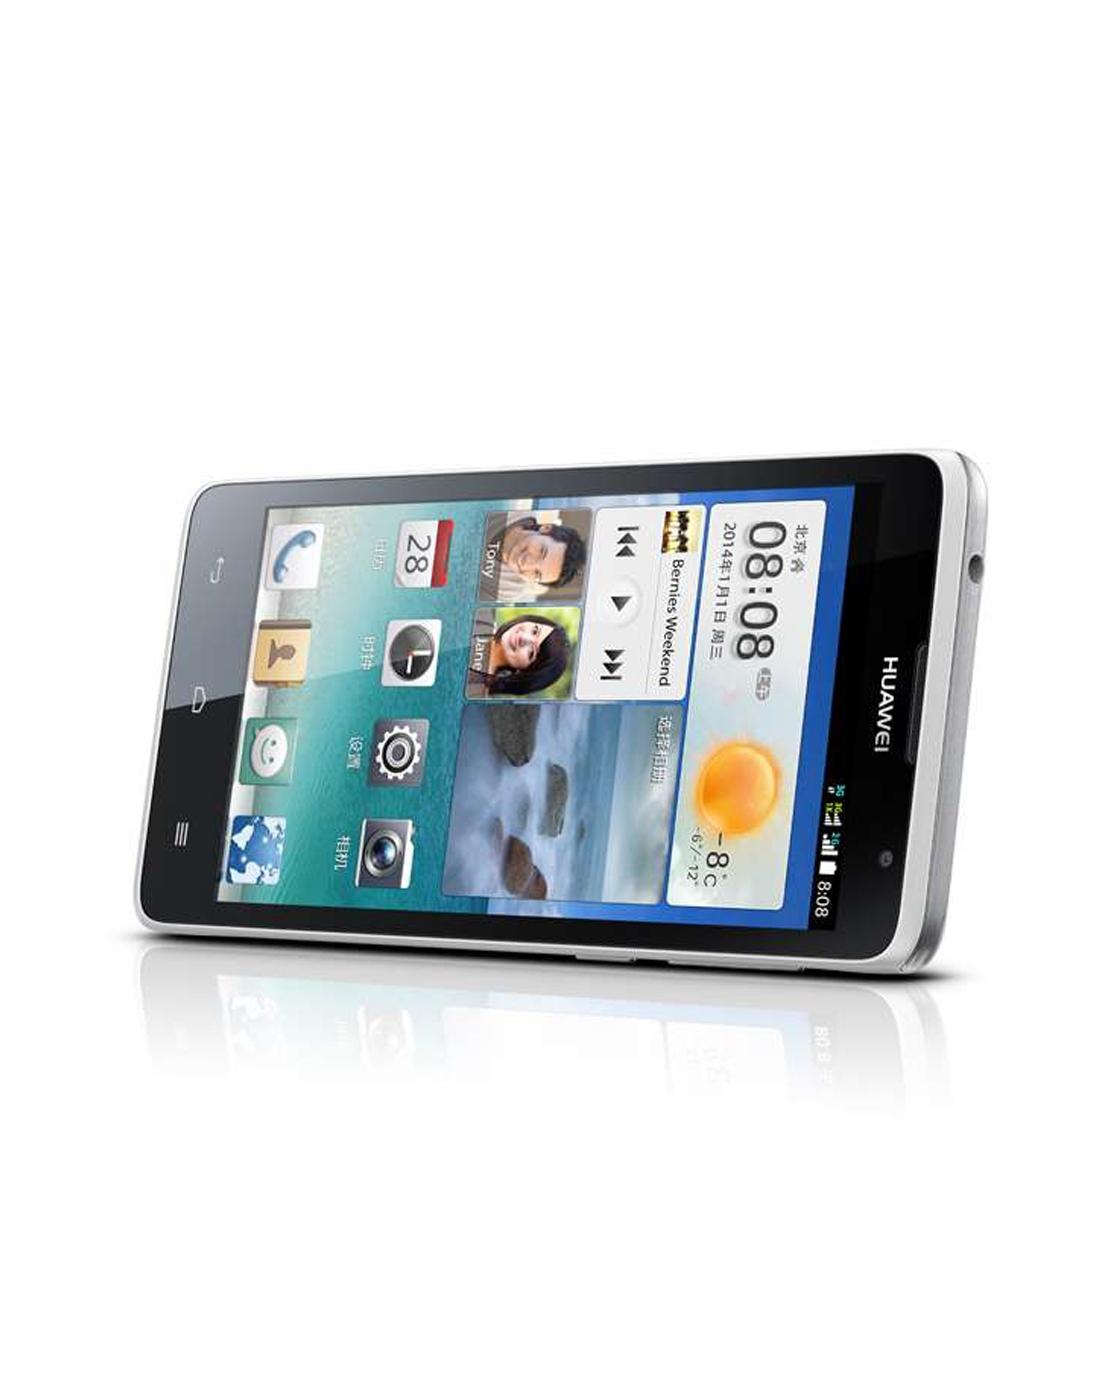 华为c8816d白色4核双卡电信版手机